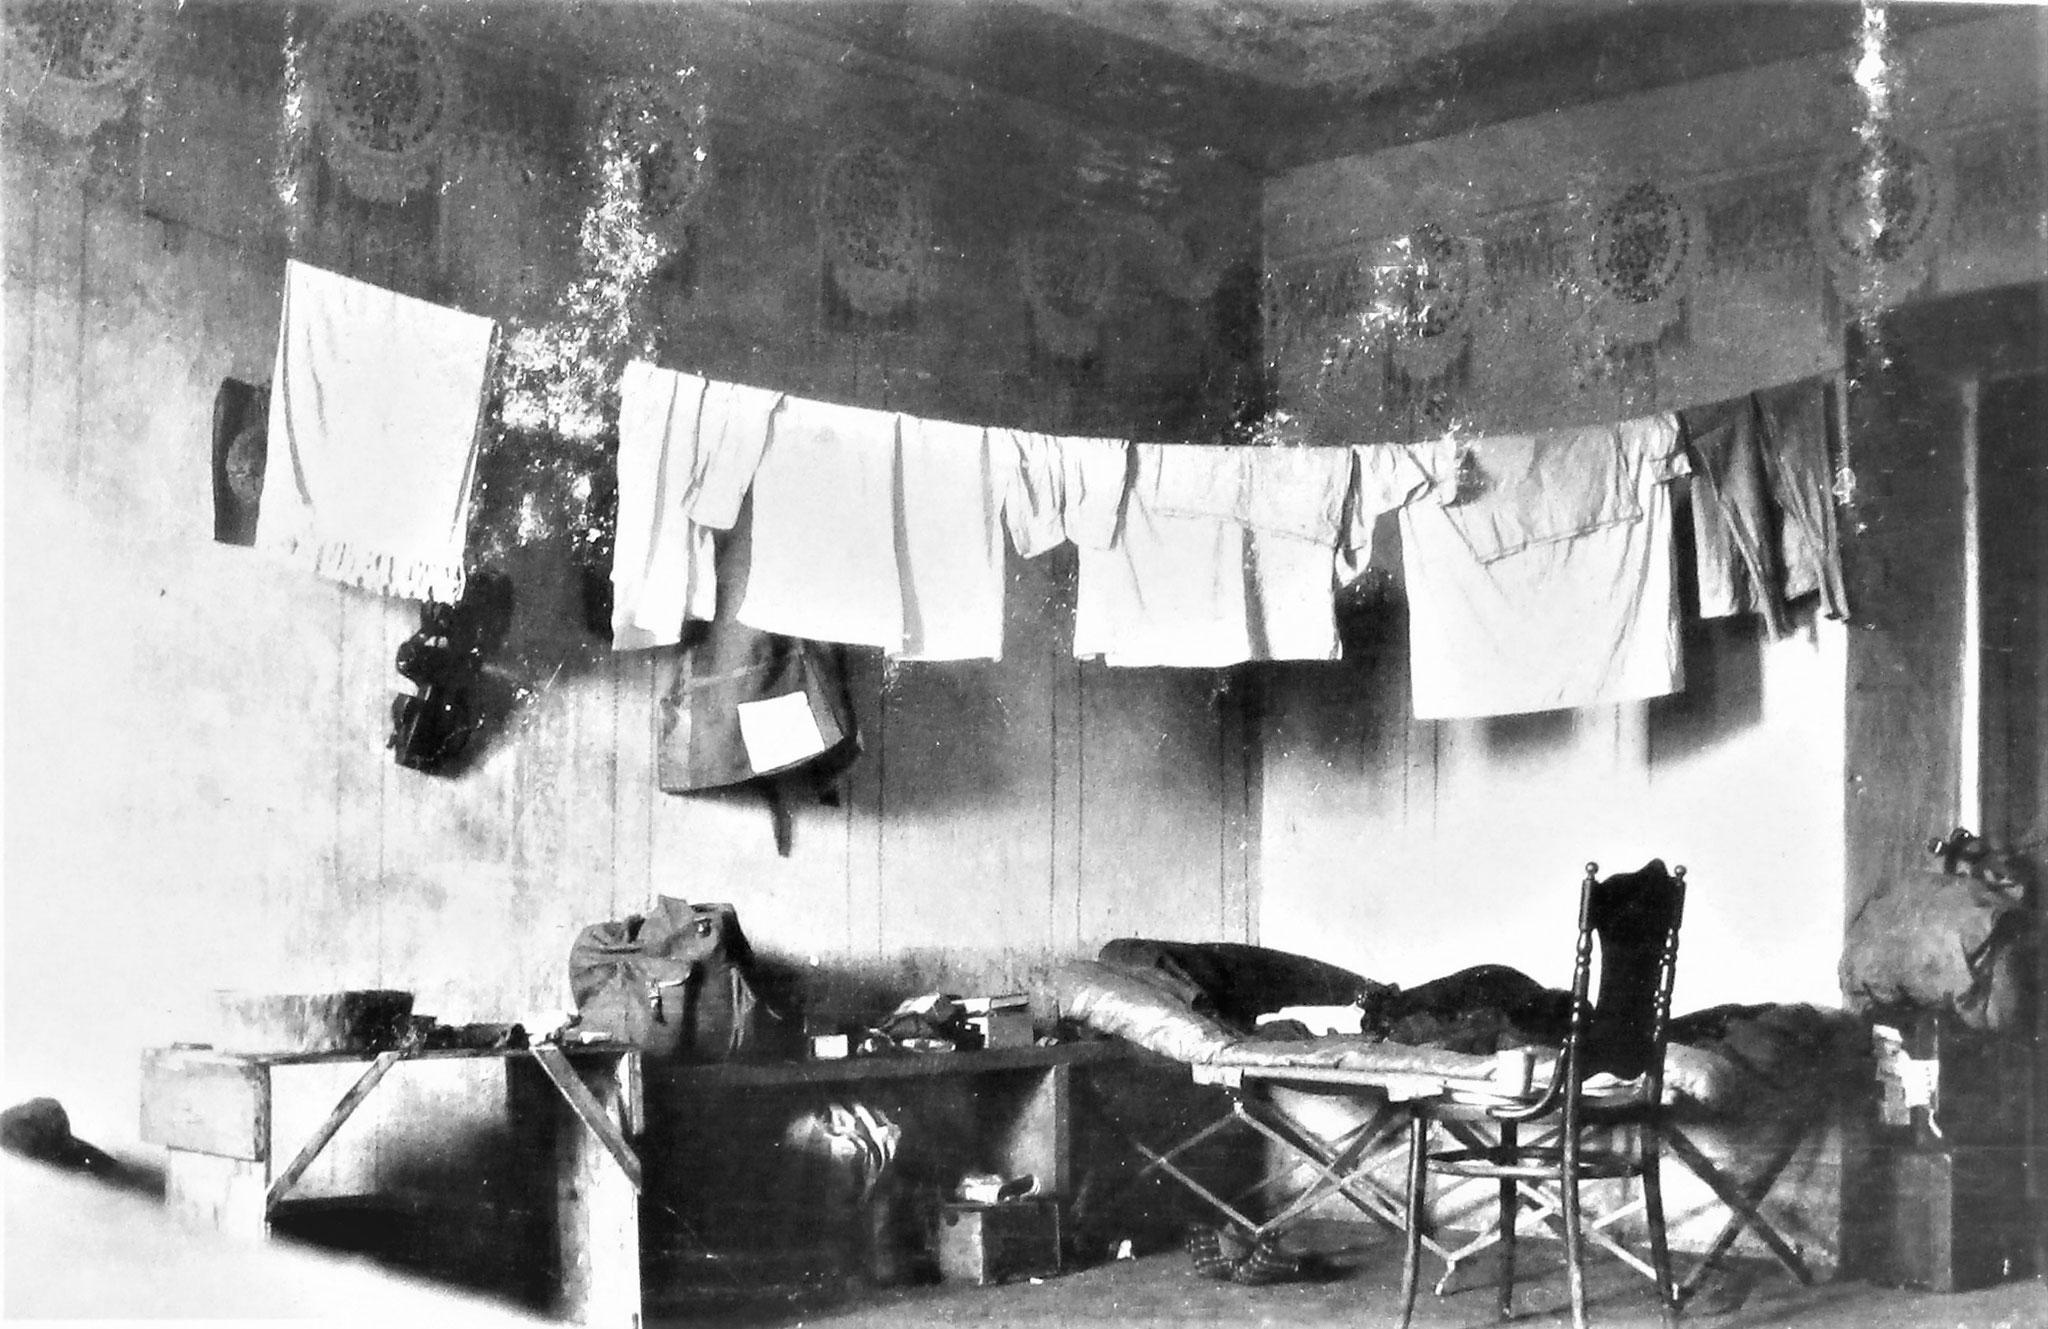 Ecke Sulkowskis in dem Zimmer dieses Meierhofes, das er zusammen mit Zenone bewohnte.